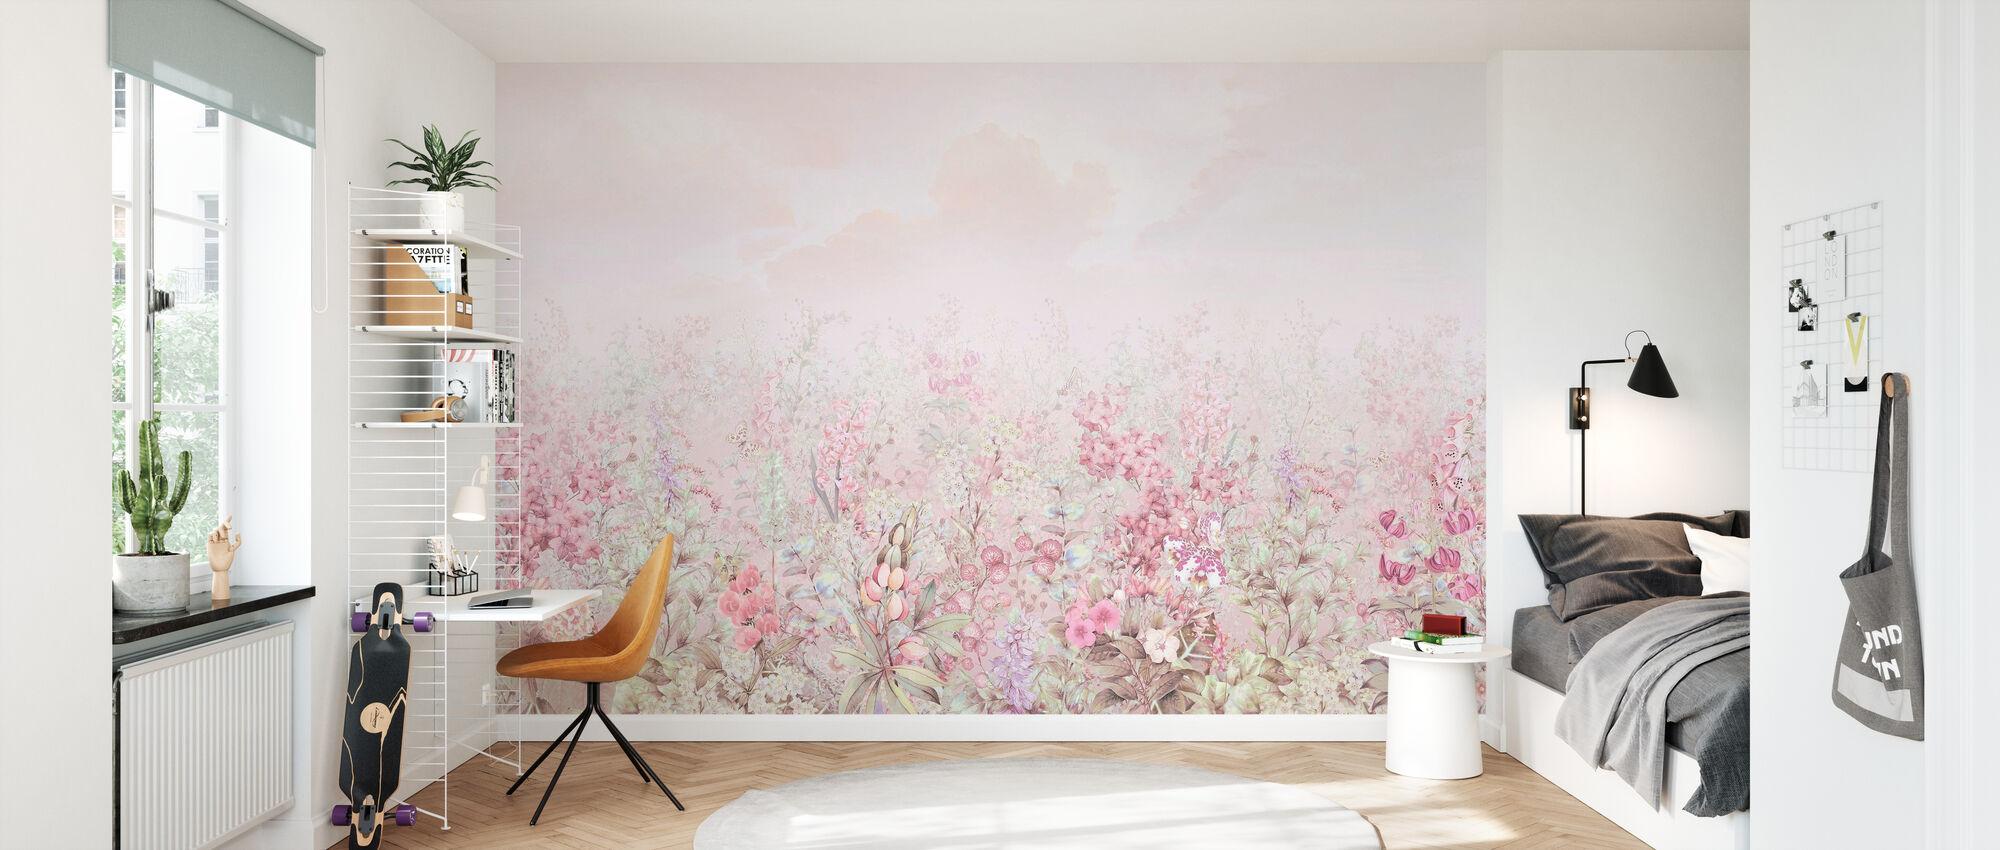 Floran lehdet - Tapetti - Lastenhuone